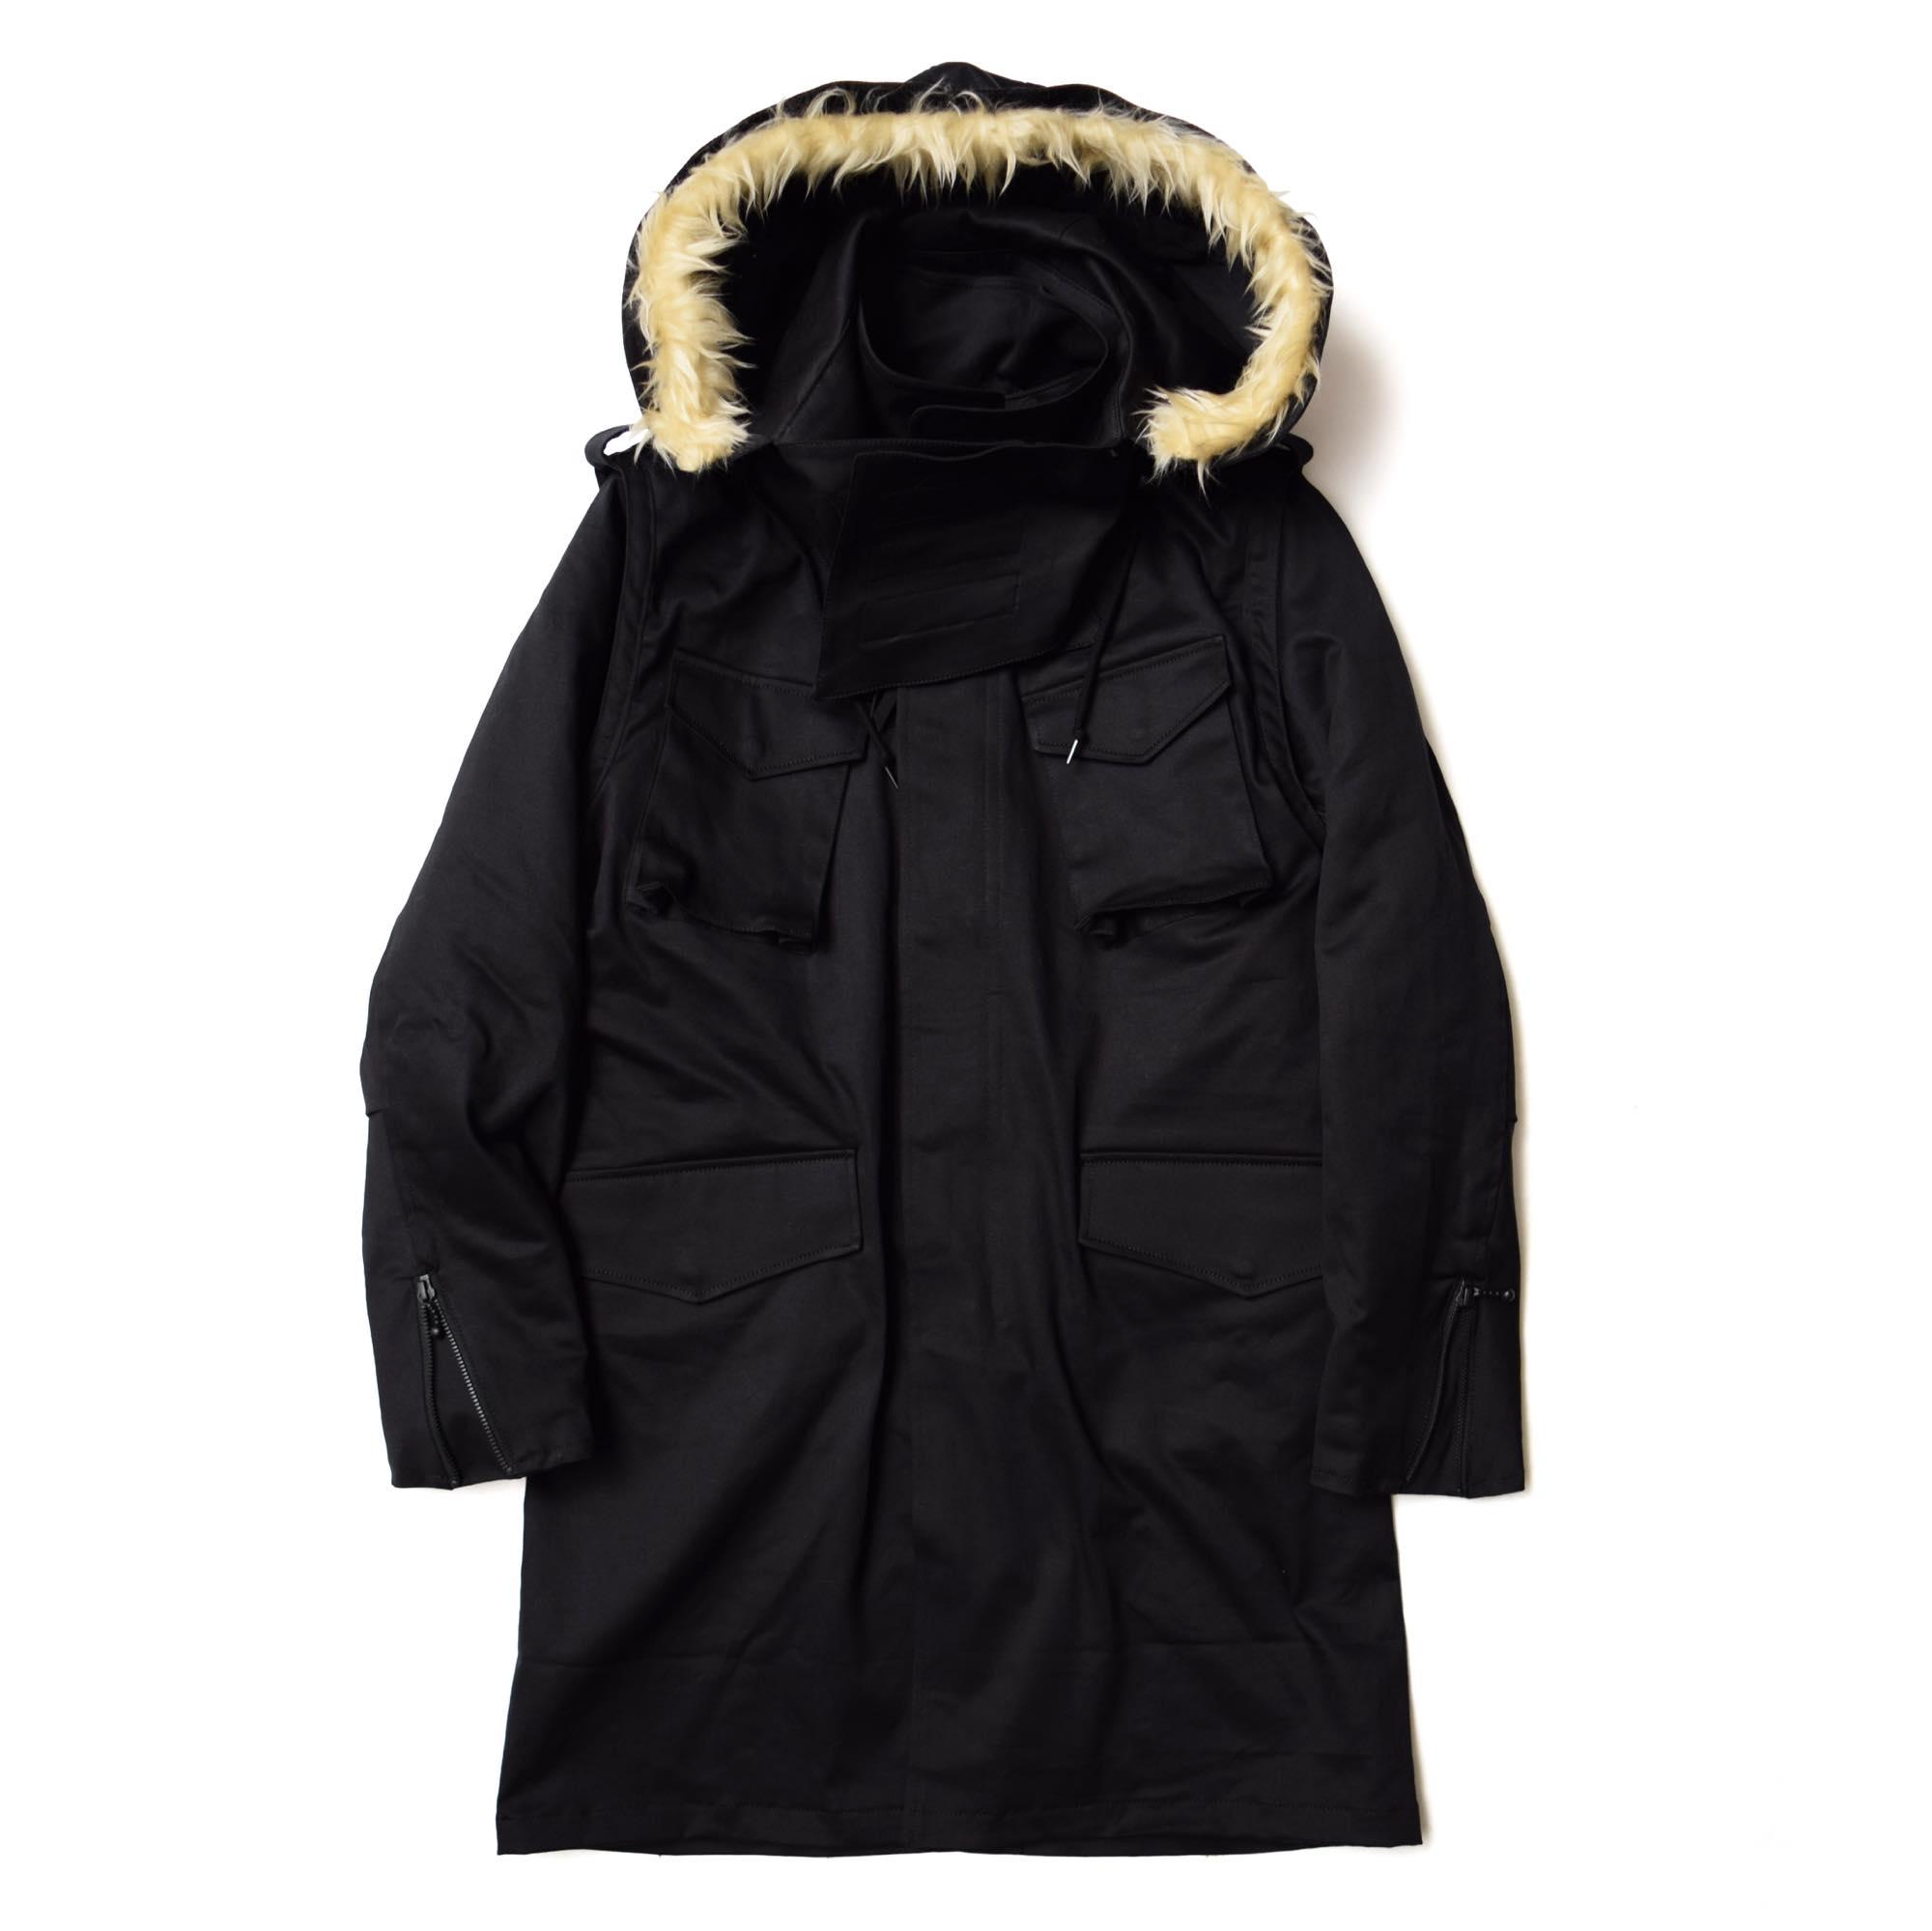 coat_blk001